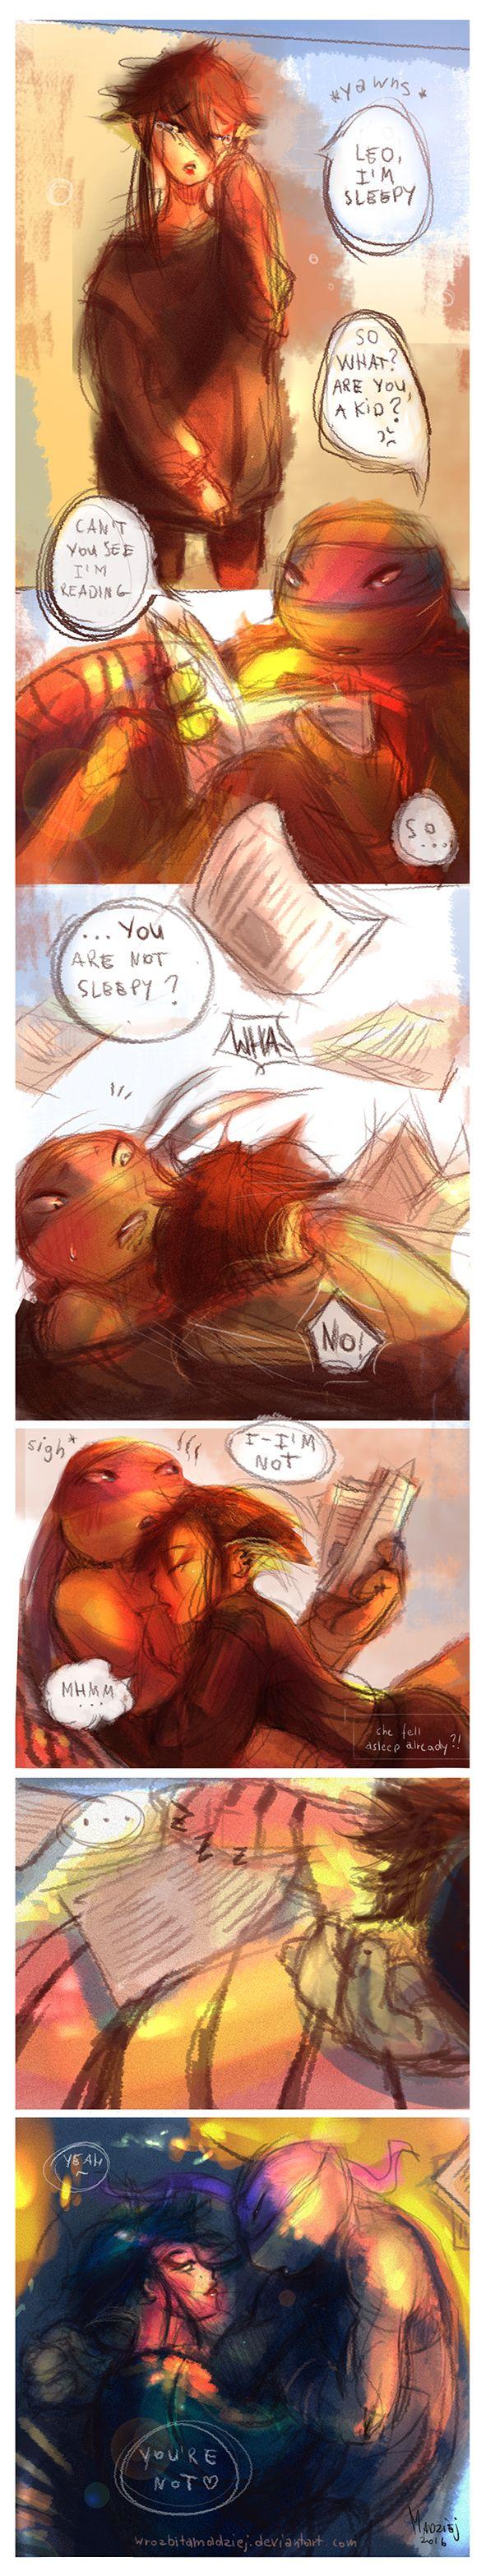 Sleepy | Leorai by WrozbitaMadziej on DeviantArt